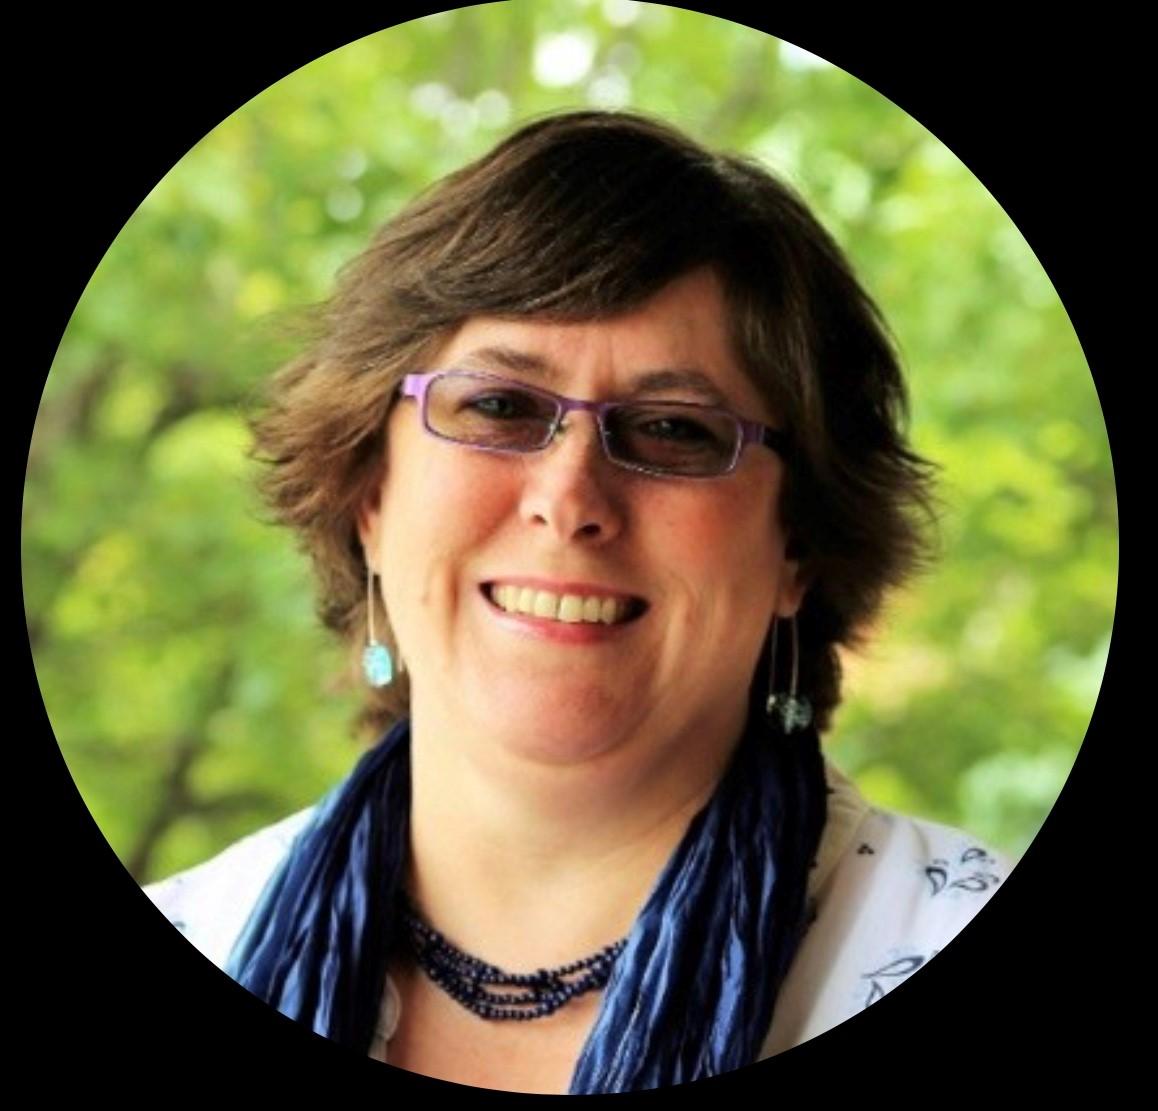 Ms Alison White